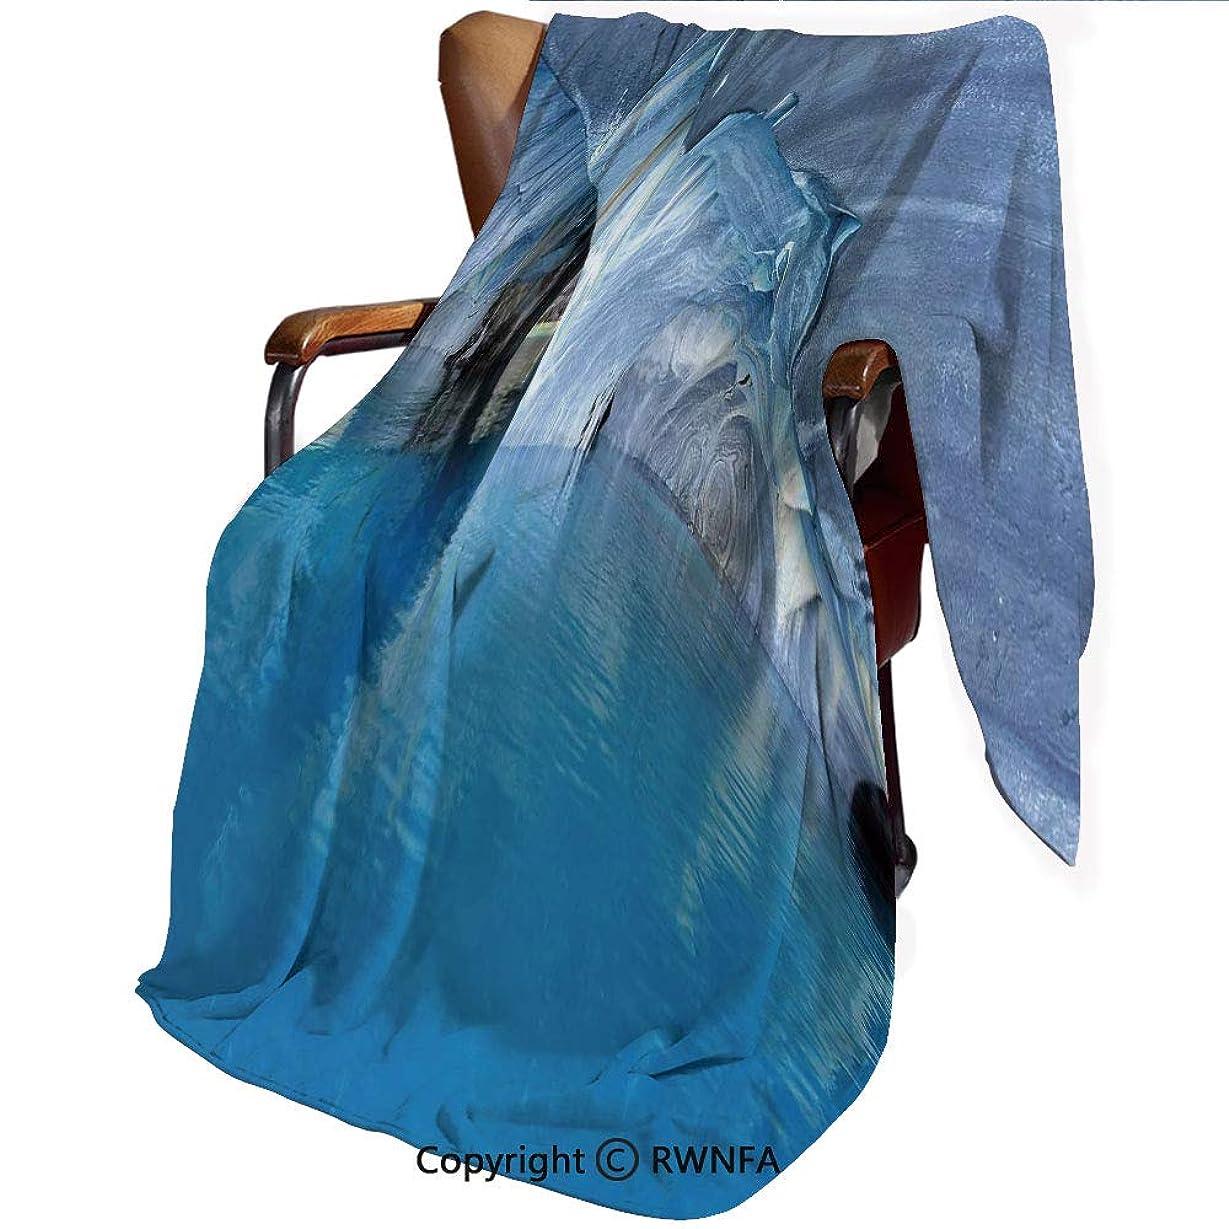 リス刈る公毛布 掛け毛布 シングル 大理石洞窟チリの一般的なカレラ湖自然の驚異岩紺Azureの水140*200cm 青 厚手 ブランケット 秋冬用 暖かい もうふ マイクロファイバー 襟付き 洗える ふわふわ 静電防止 青紫灰色白